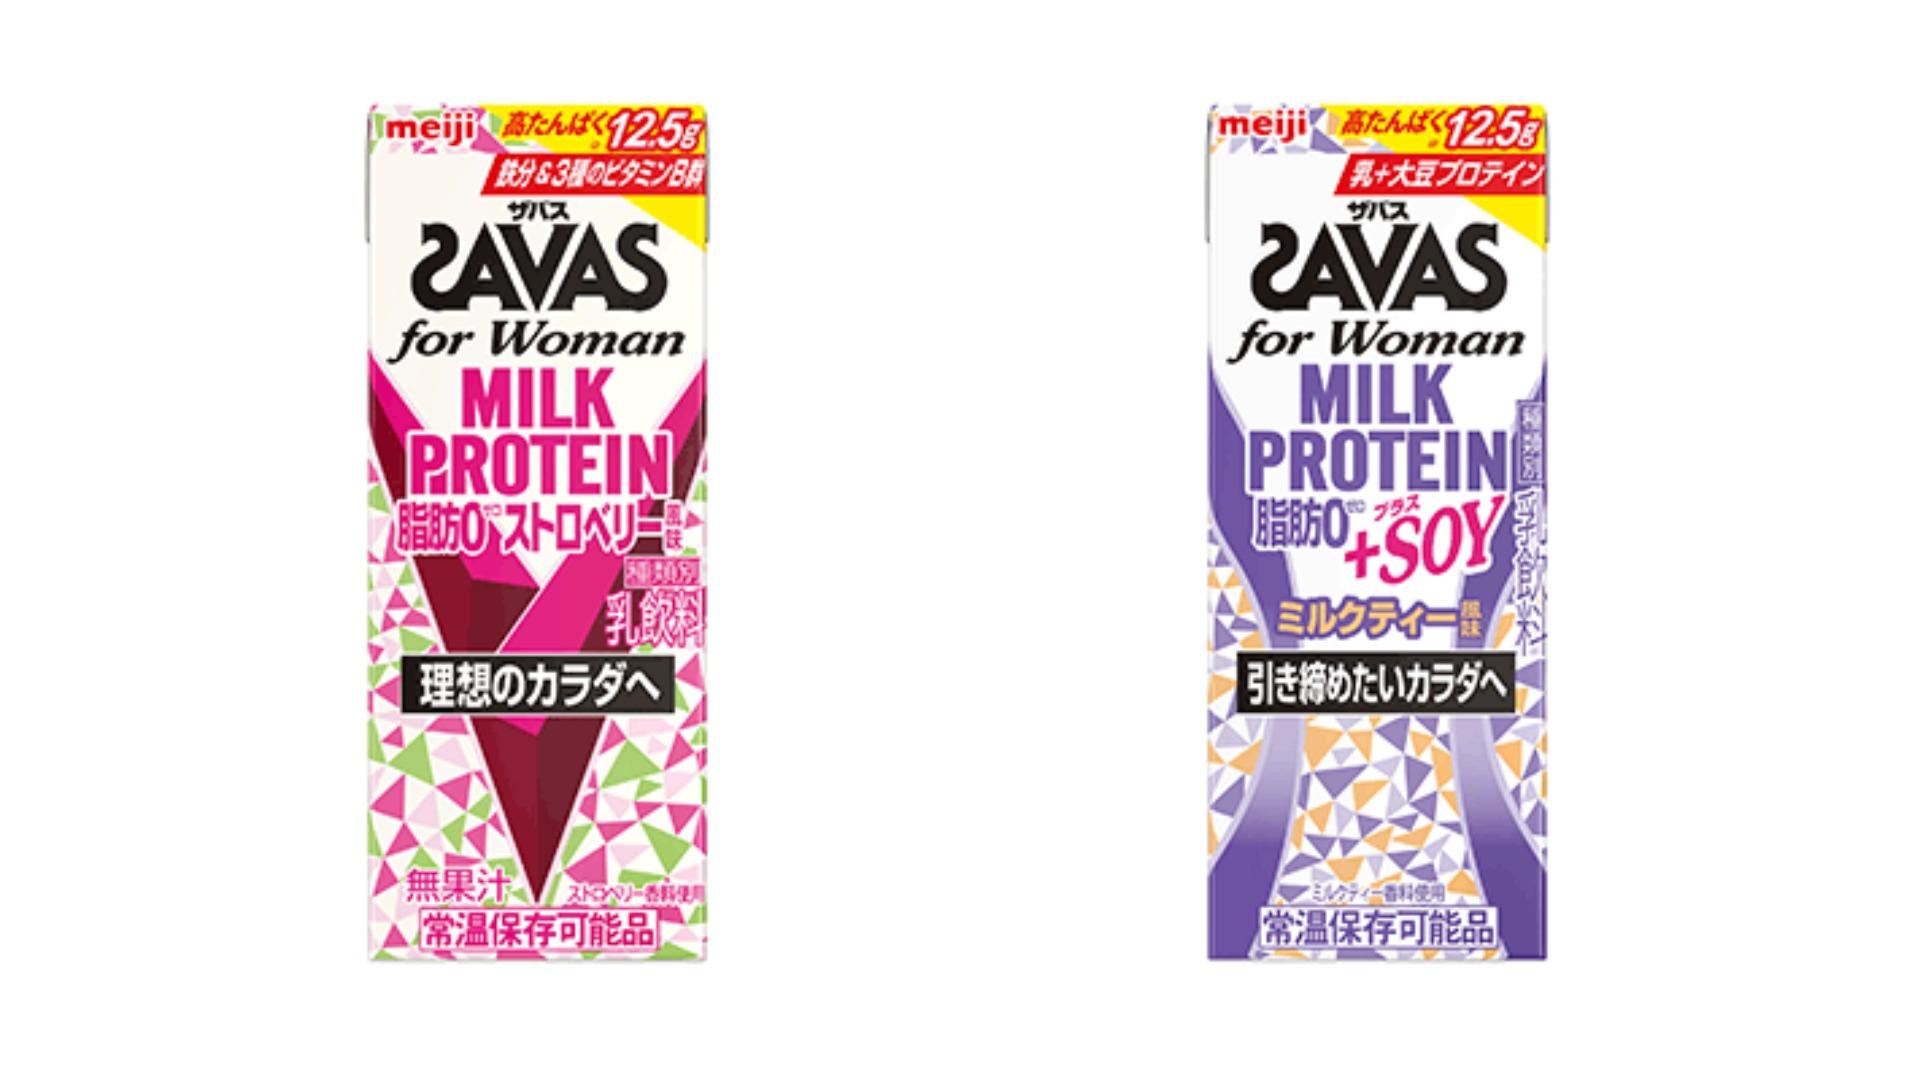 「ザバス ミルクプロテイン」に女性向け登場。たんぱく質量12.5g、ビタミンB群や鉄分も配合